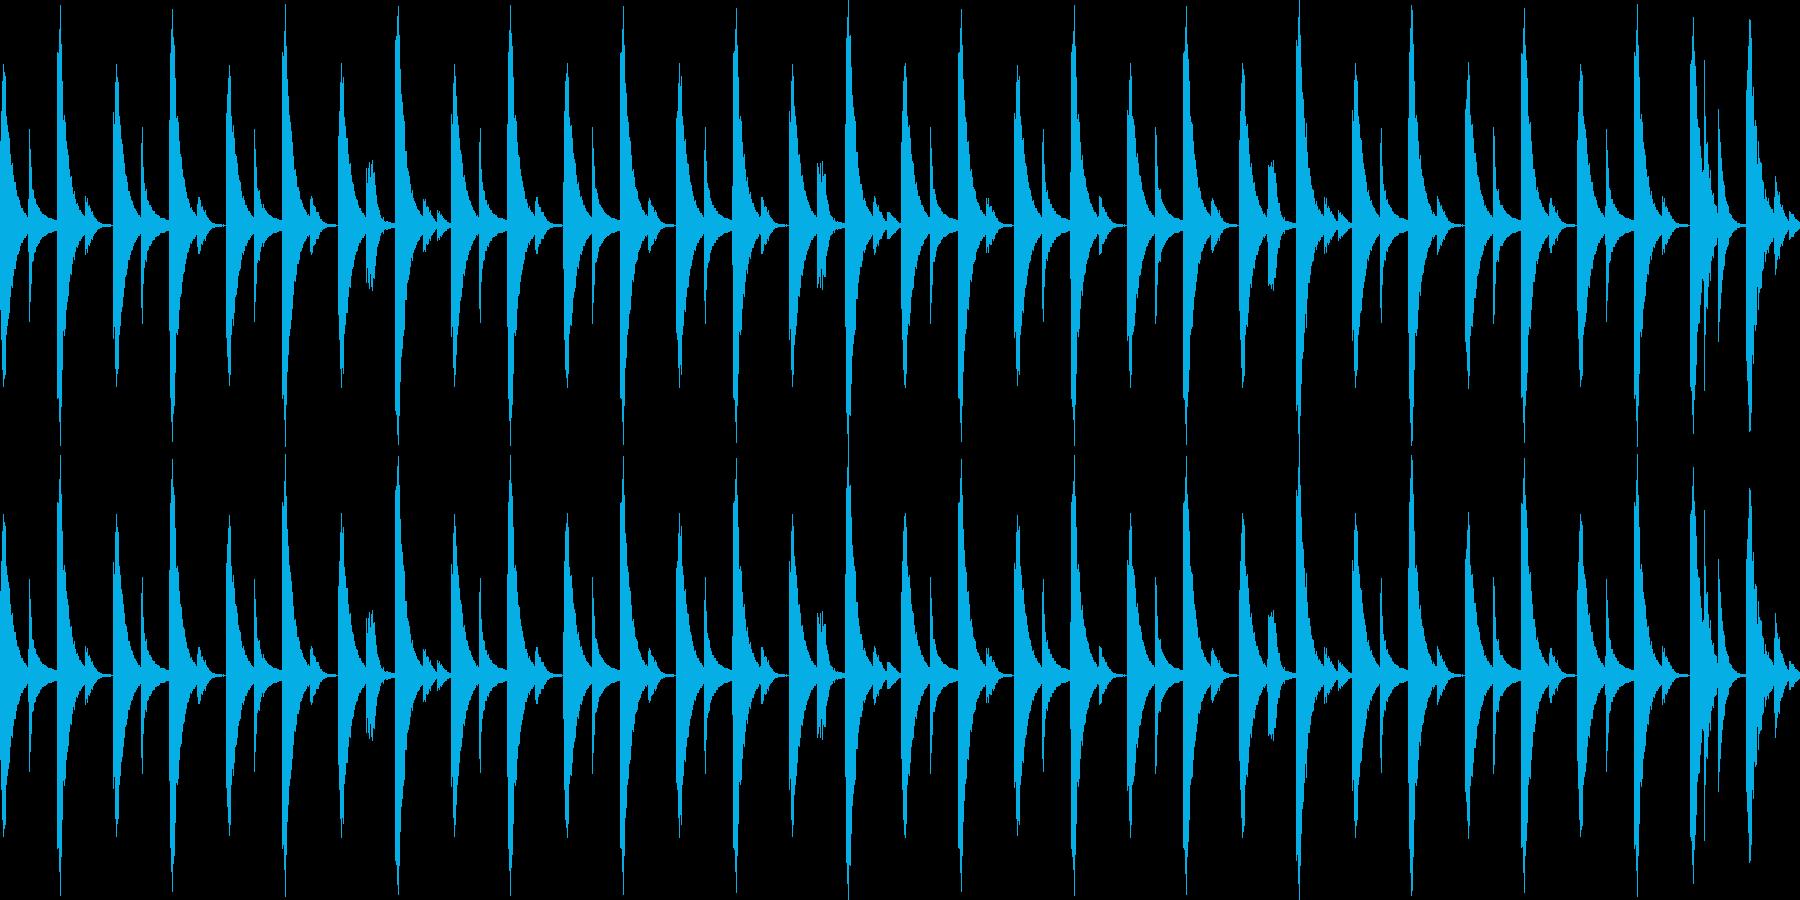 808音源を使用したシンプルなリズム03の再生済みの波形